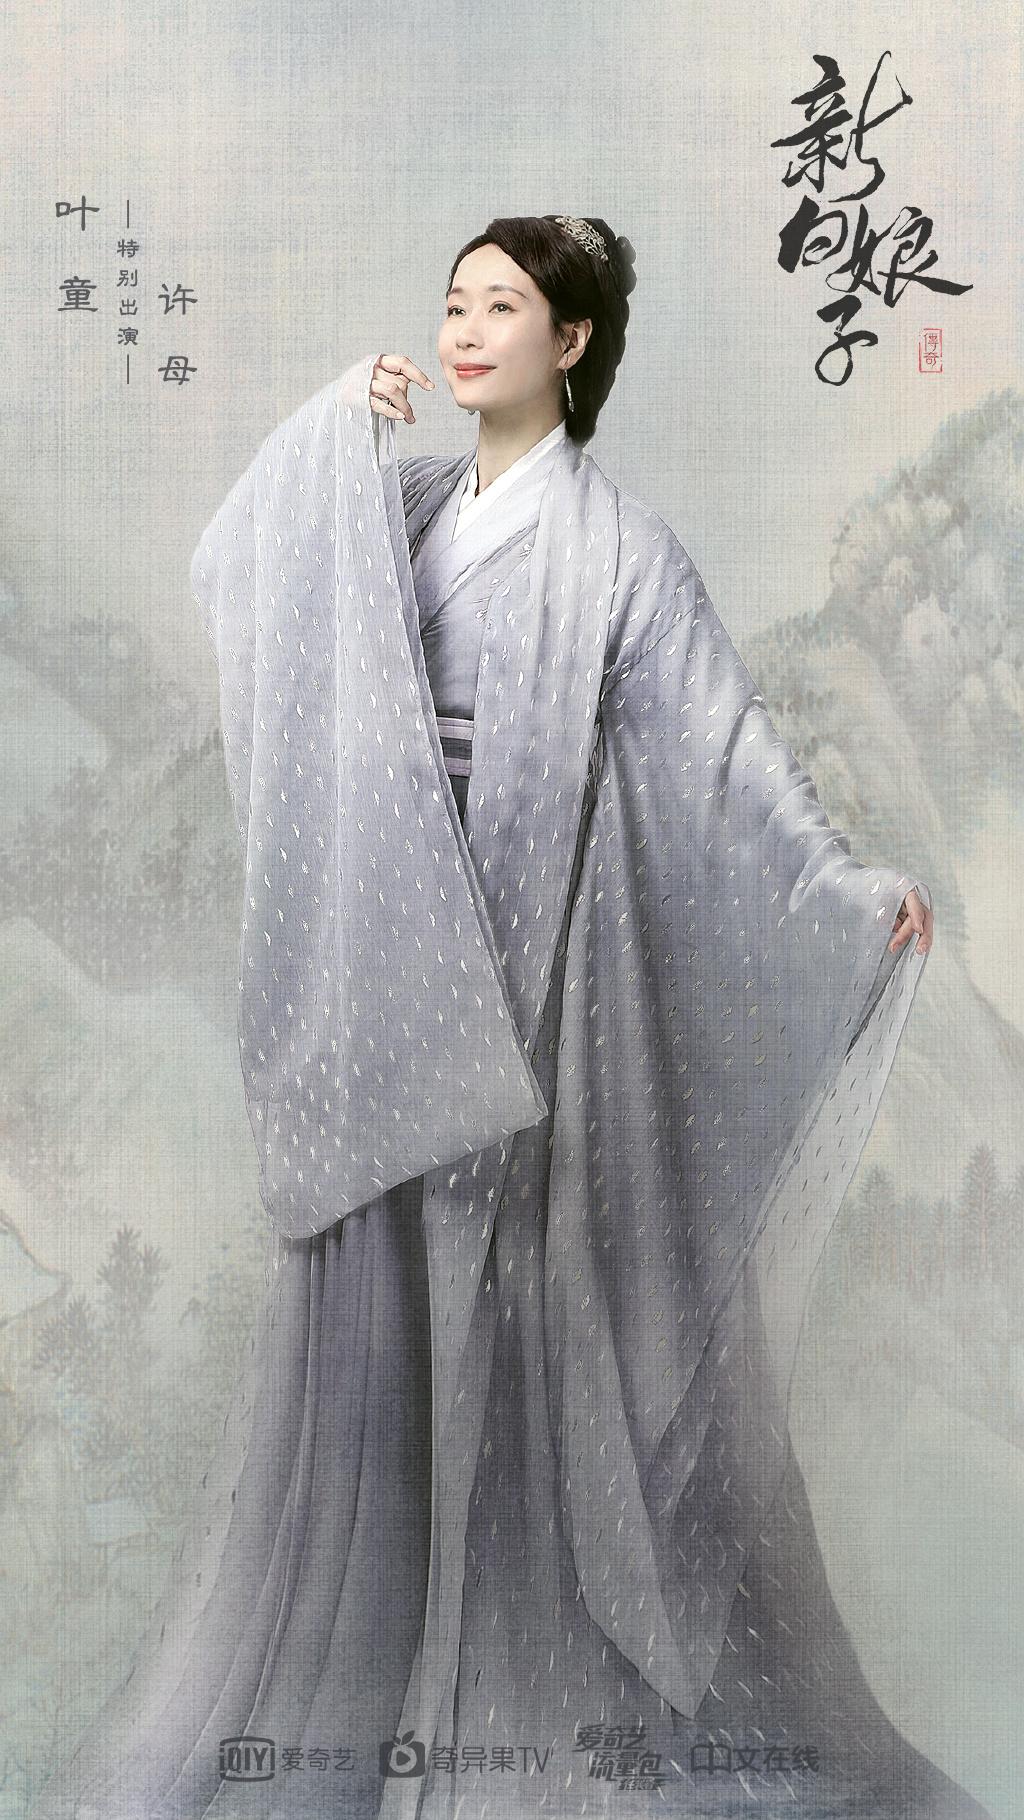 葉童相隔多時再拍《新白娘子傳奇》,可惜未能如期推出,大感失望。